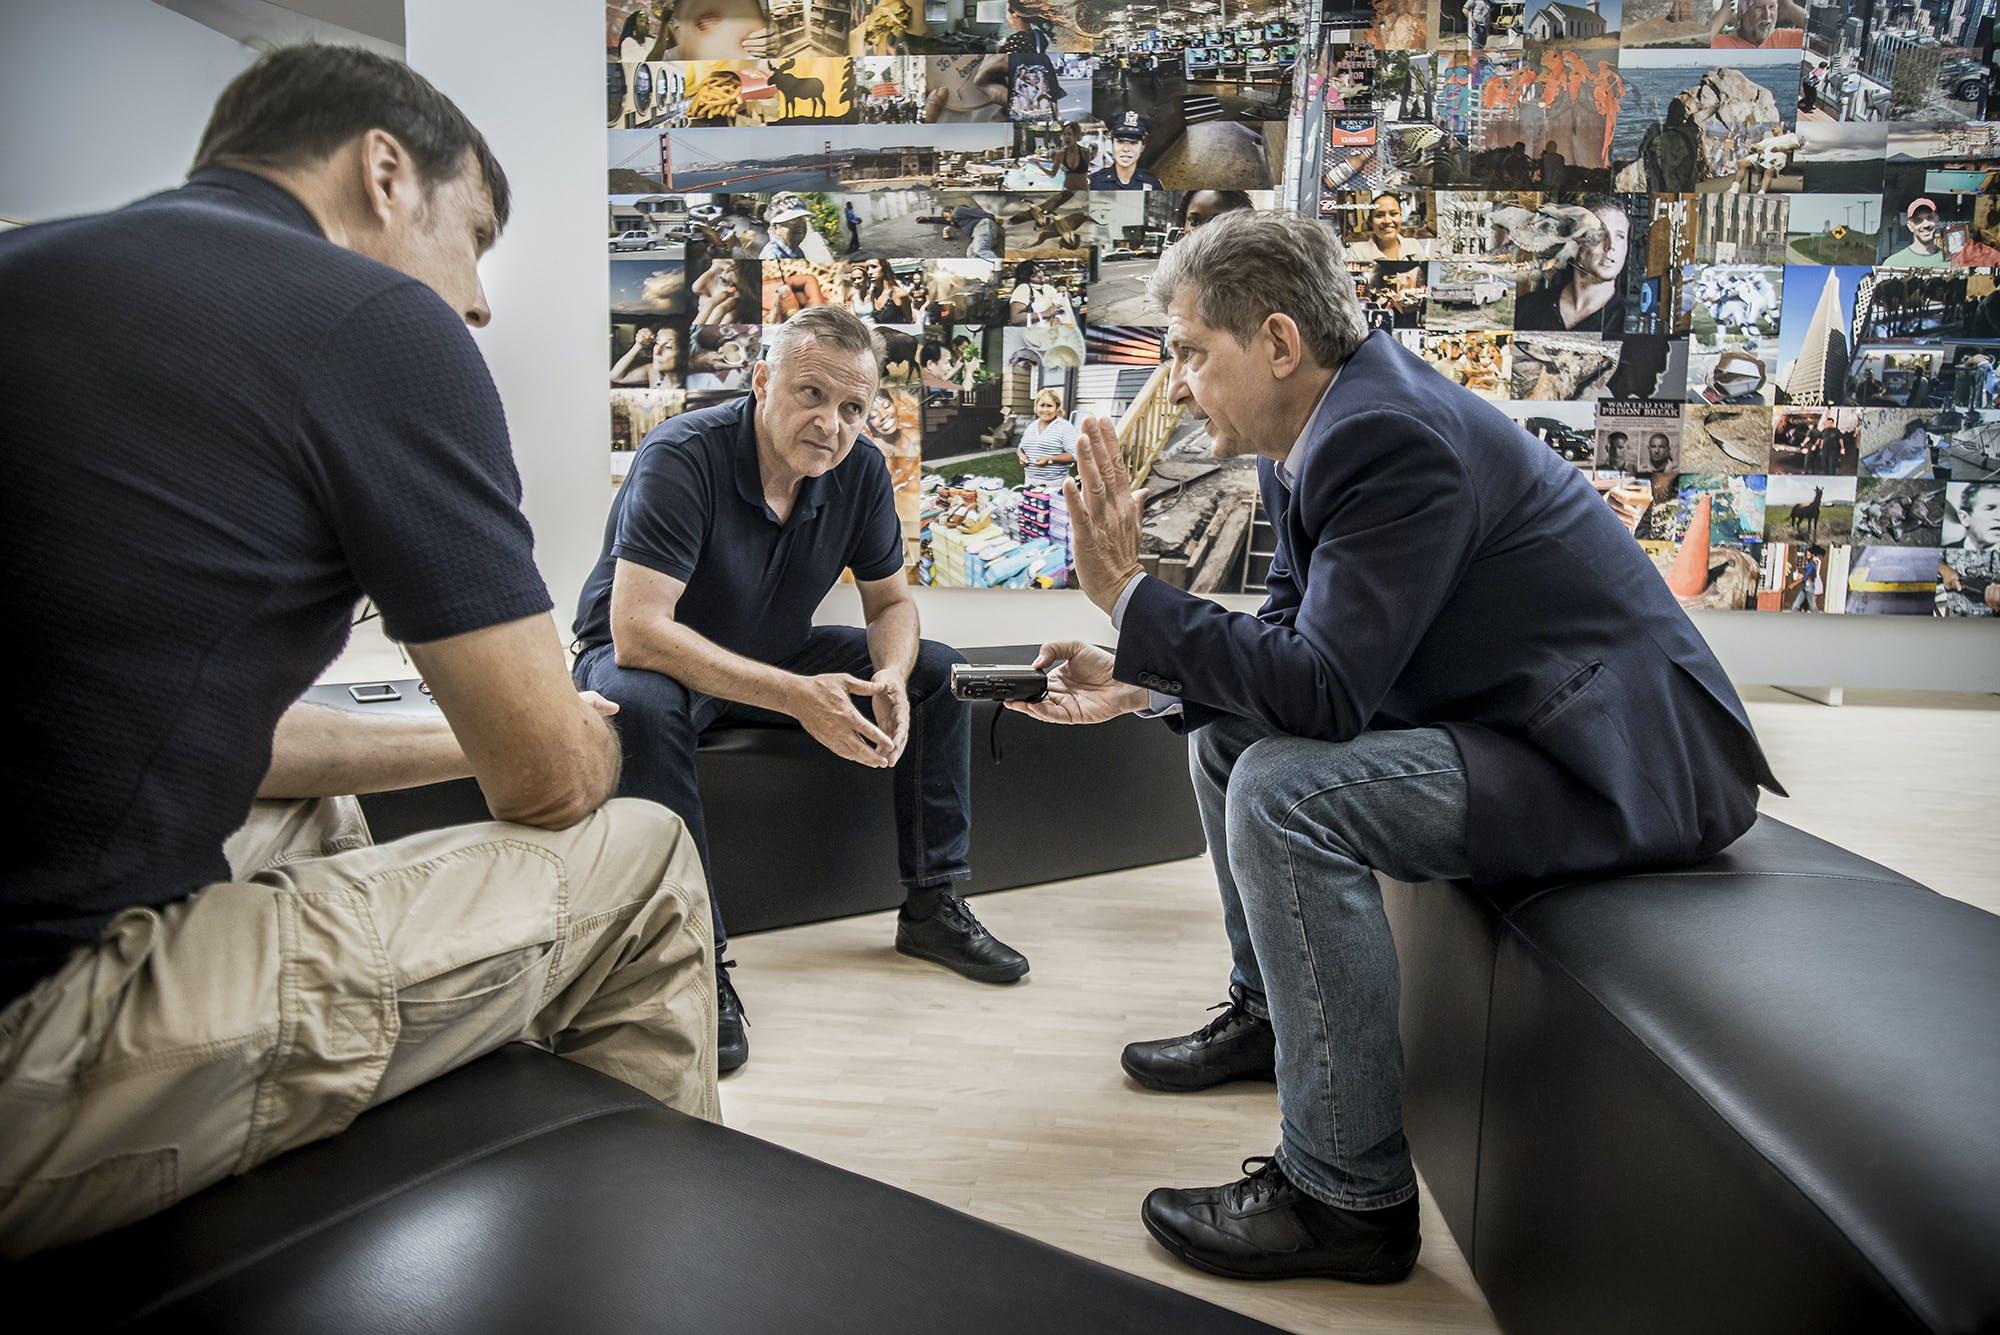 Karikaturist Bruno Haberzettl, Museumsdirektor  Christian Bauer und morgen-Autor Thomas  Trenkler (von links), Landesgalerie Niederösterreich, Krems